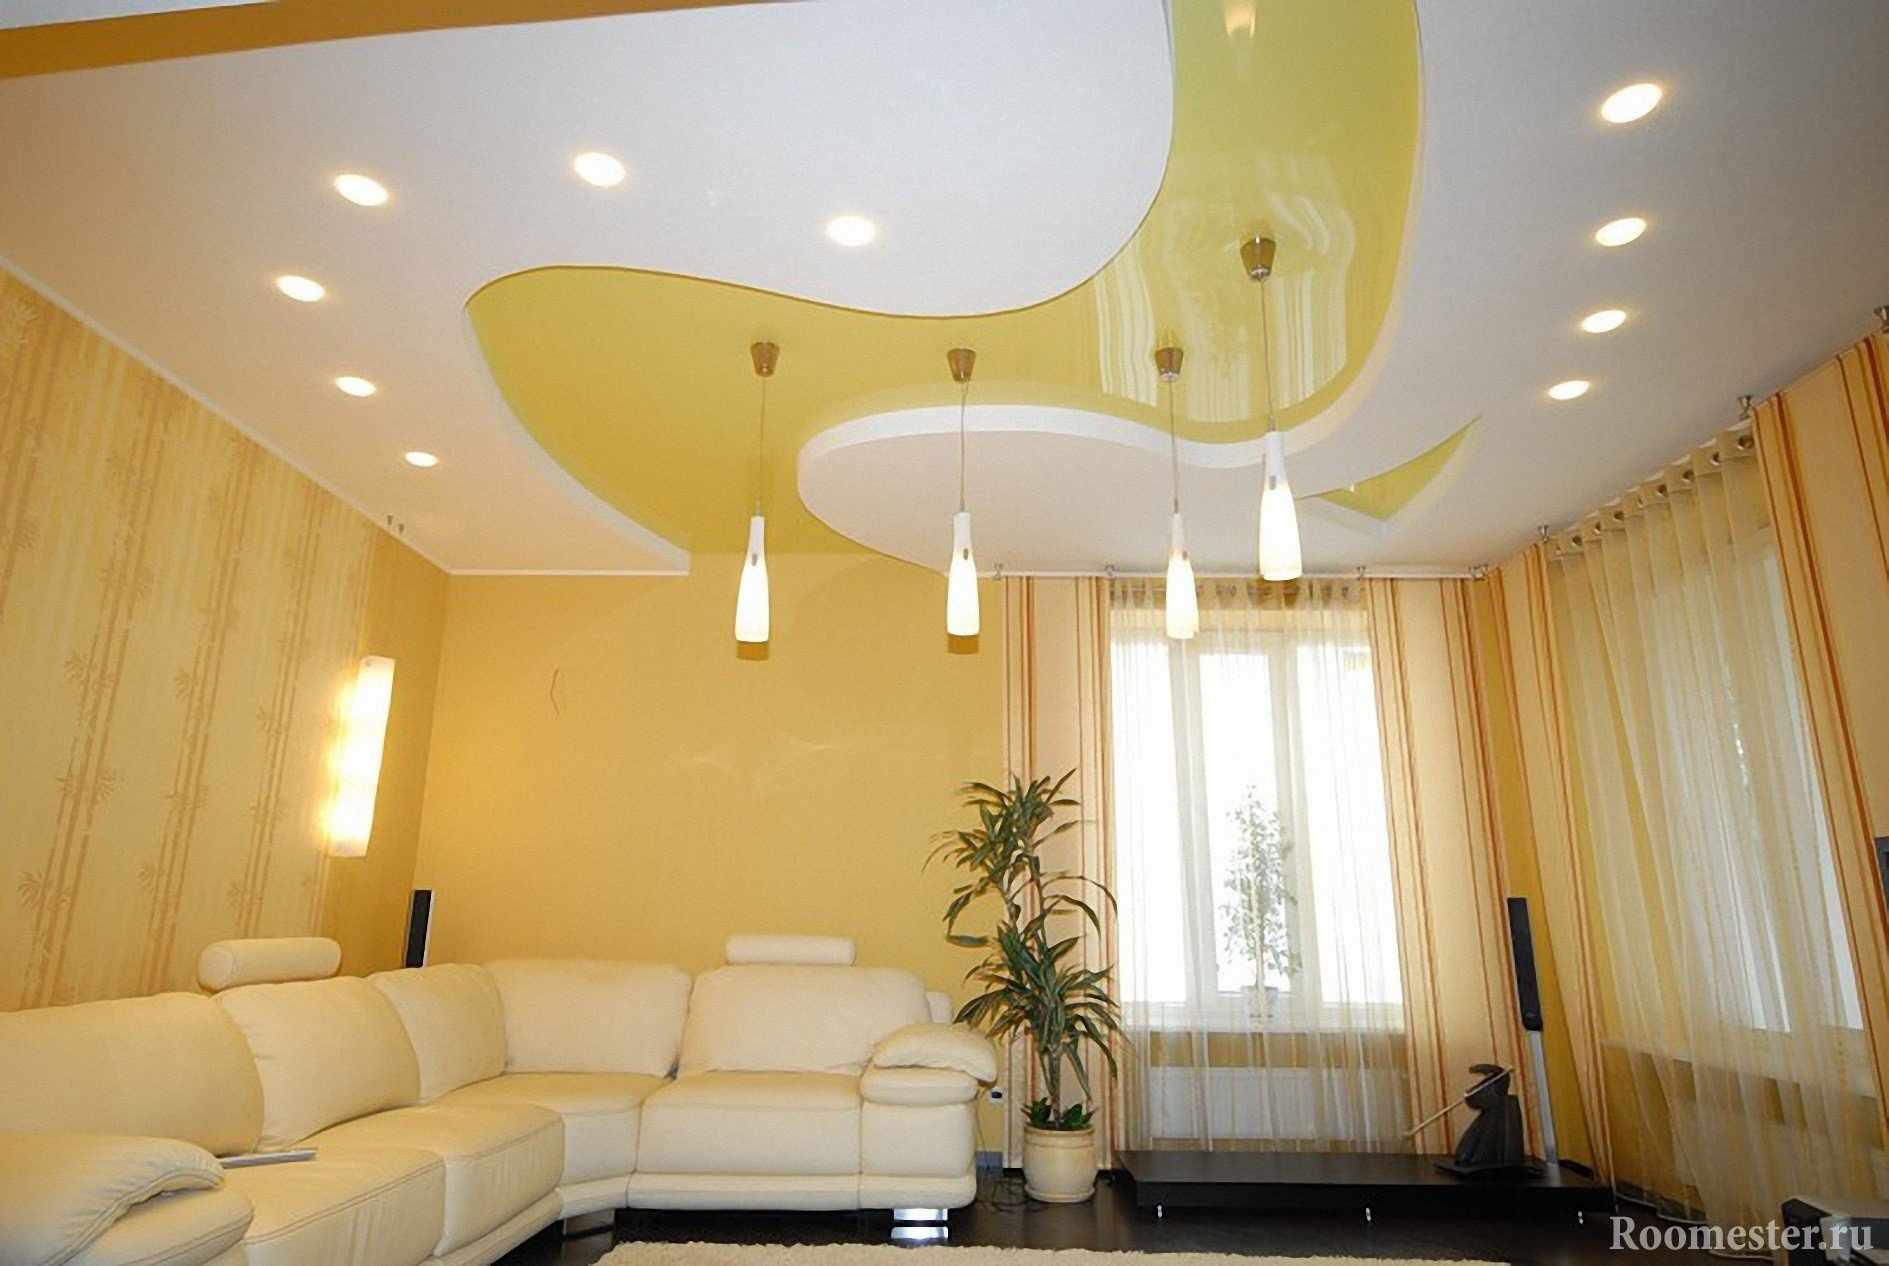 Желто-белый потолок